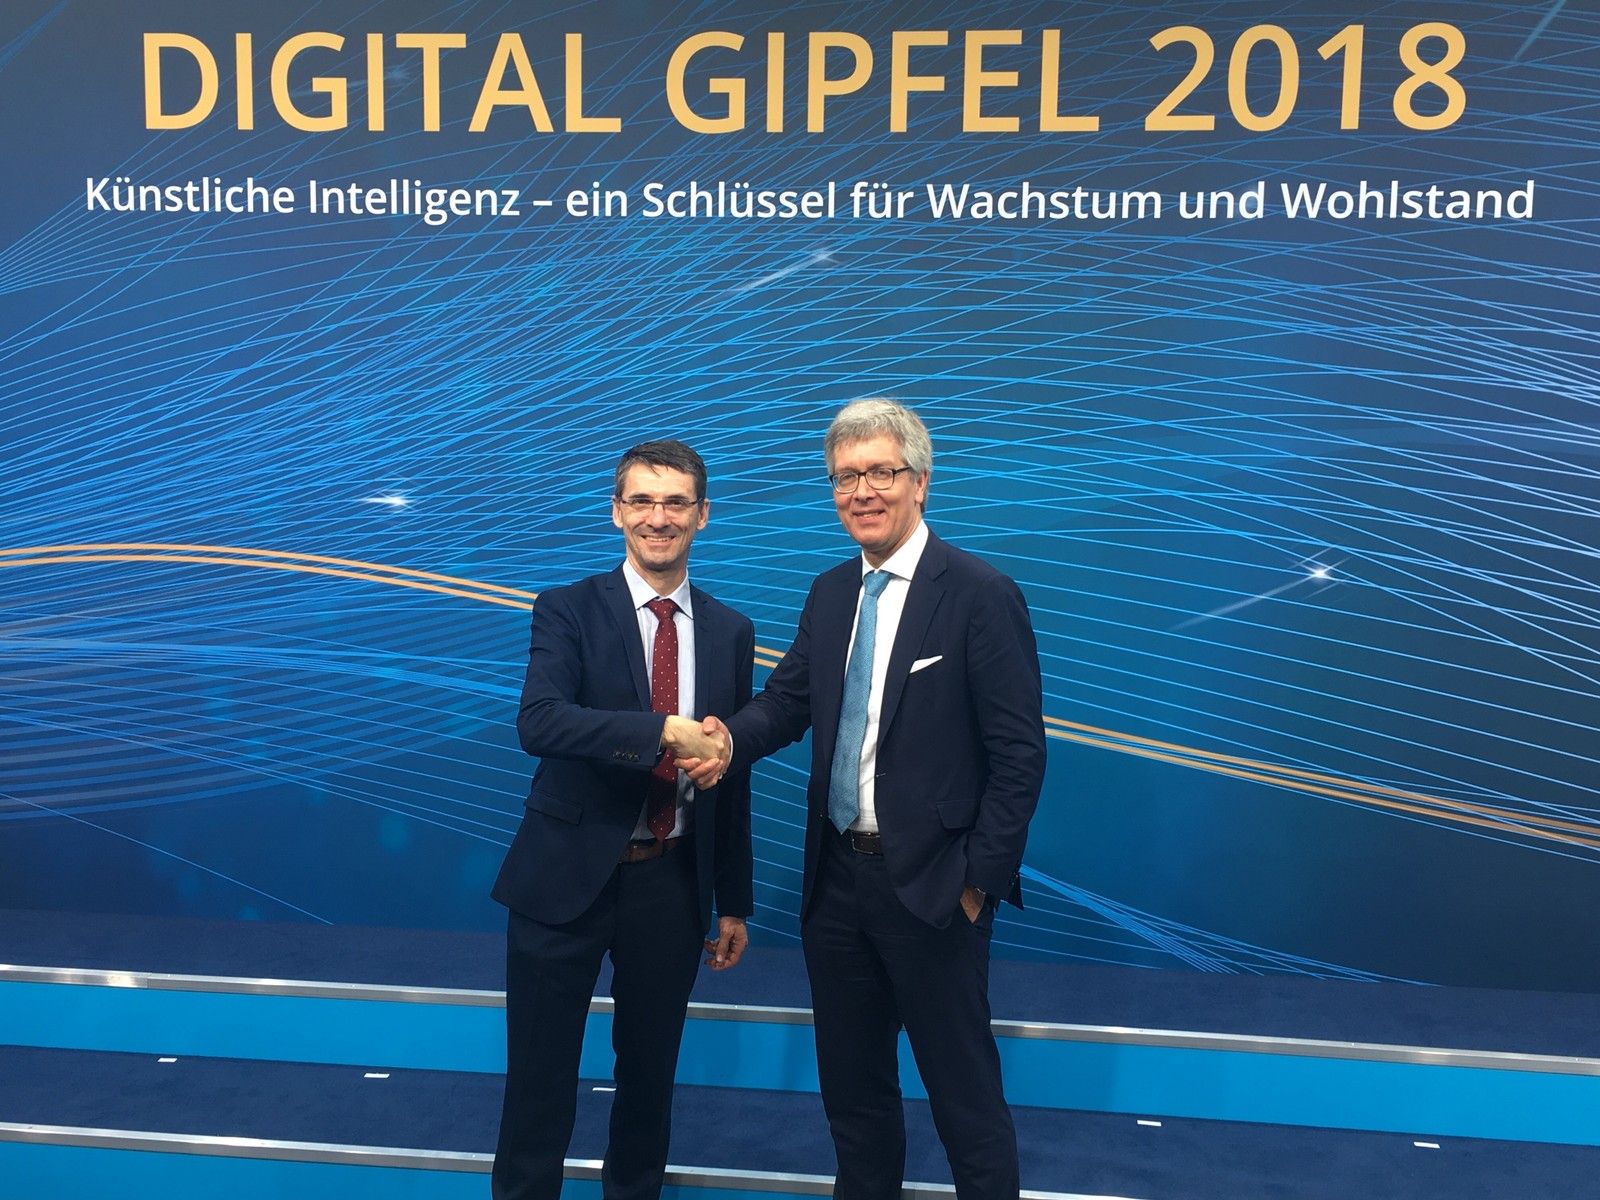 Dr. Frank Melzer (re.) vom Vorstand bei Festo löst Bernd Leukert, SAP-Vorstandsmitglied, als neuer Leiter des Lenkungskreises Plattform Industrie 4.0 ab.